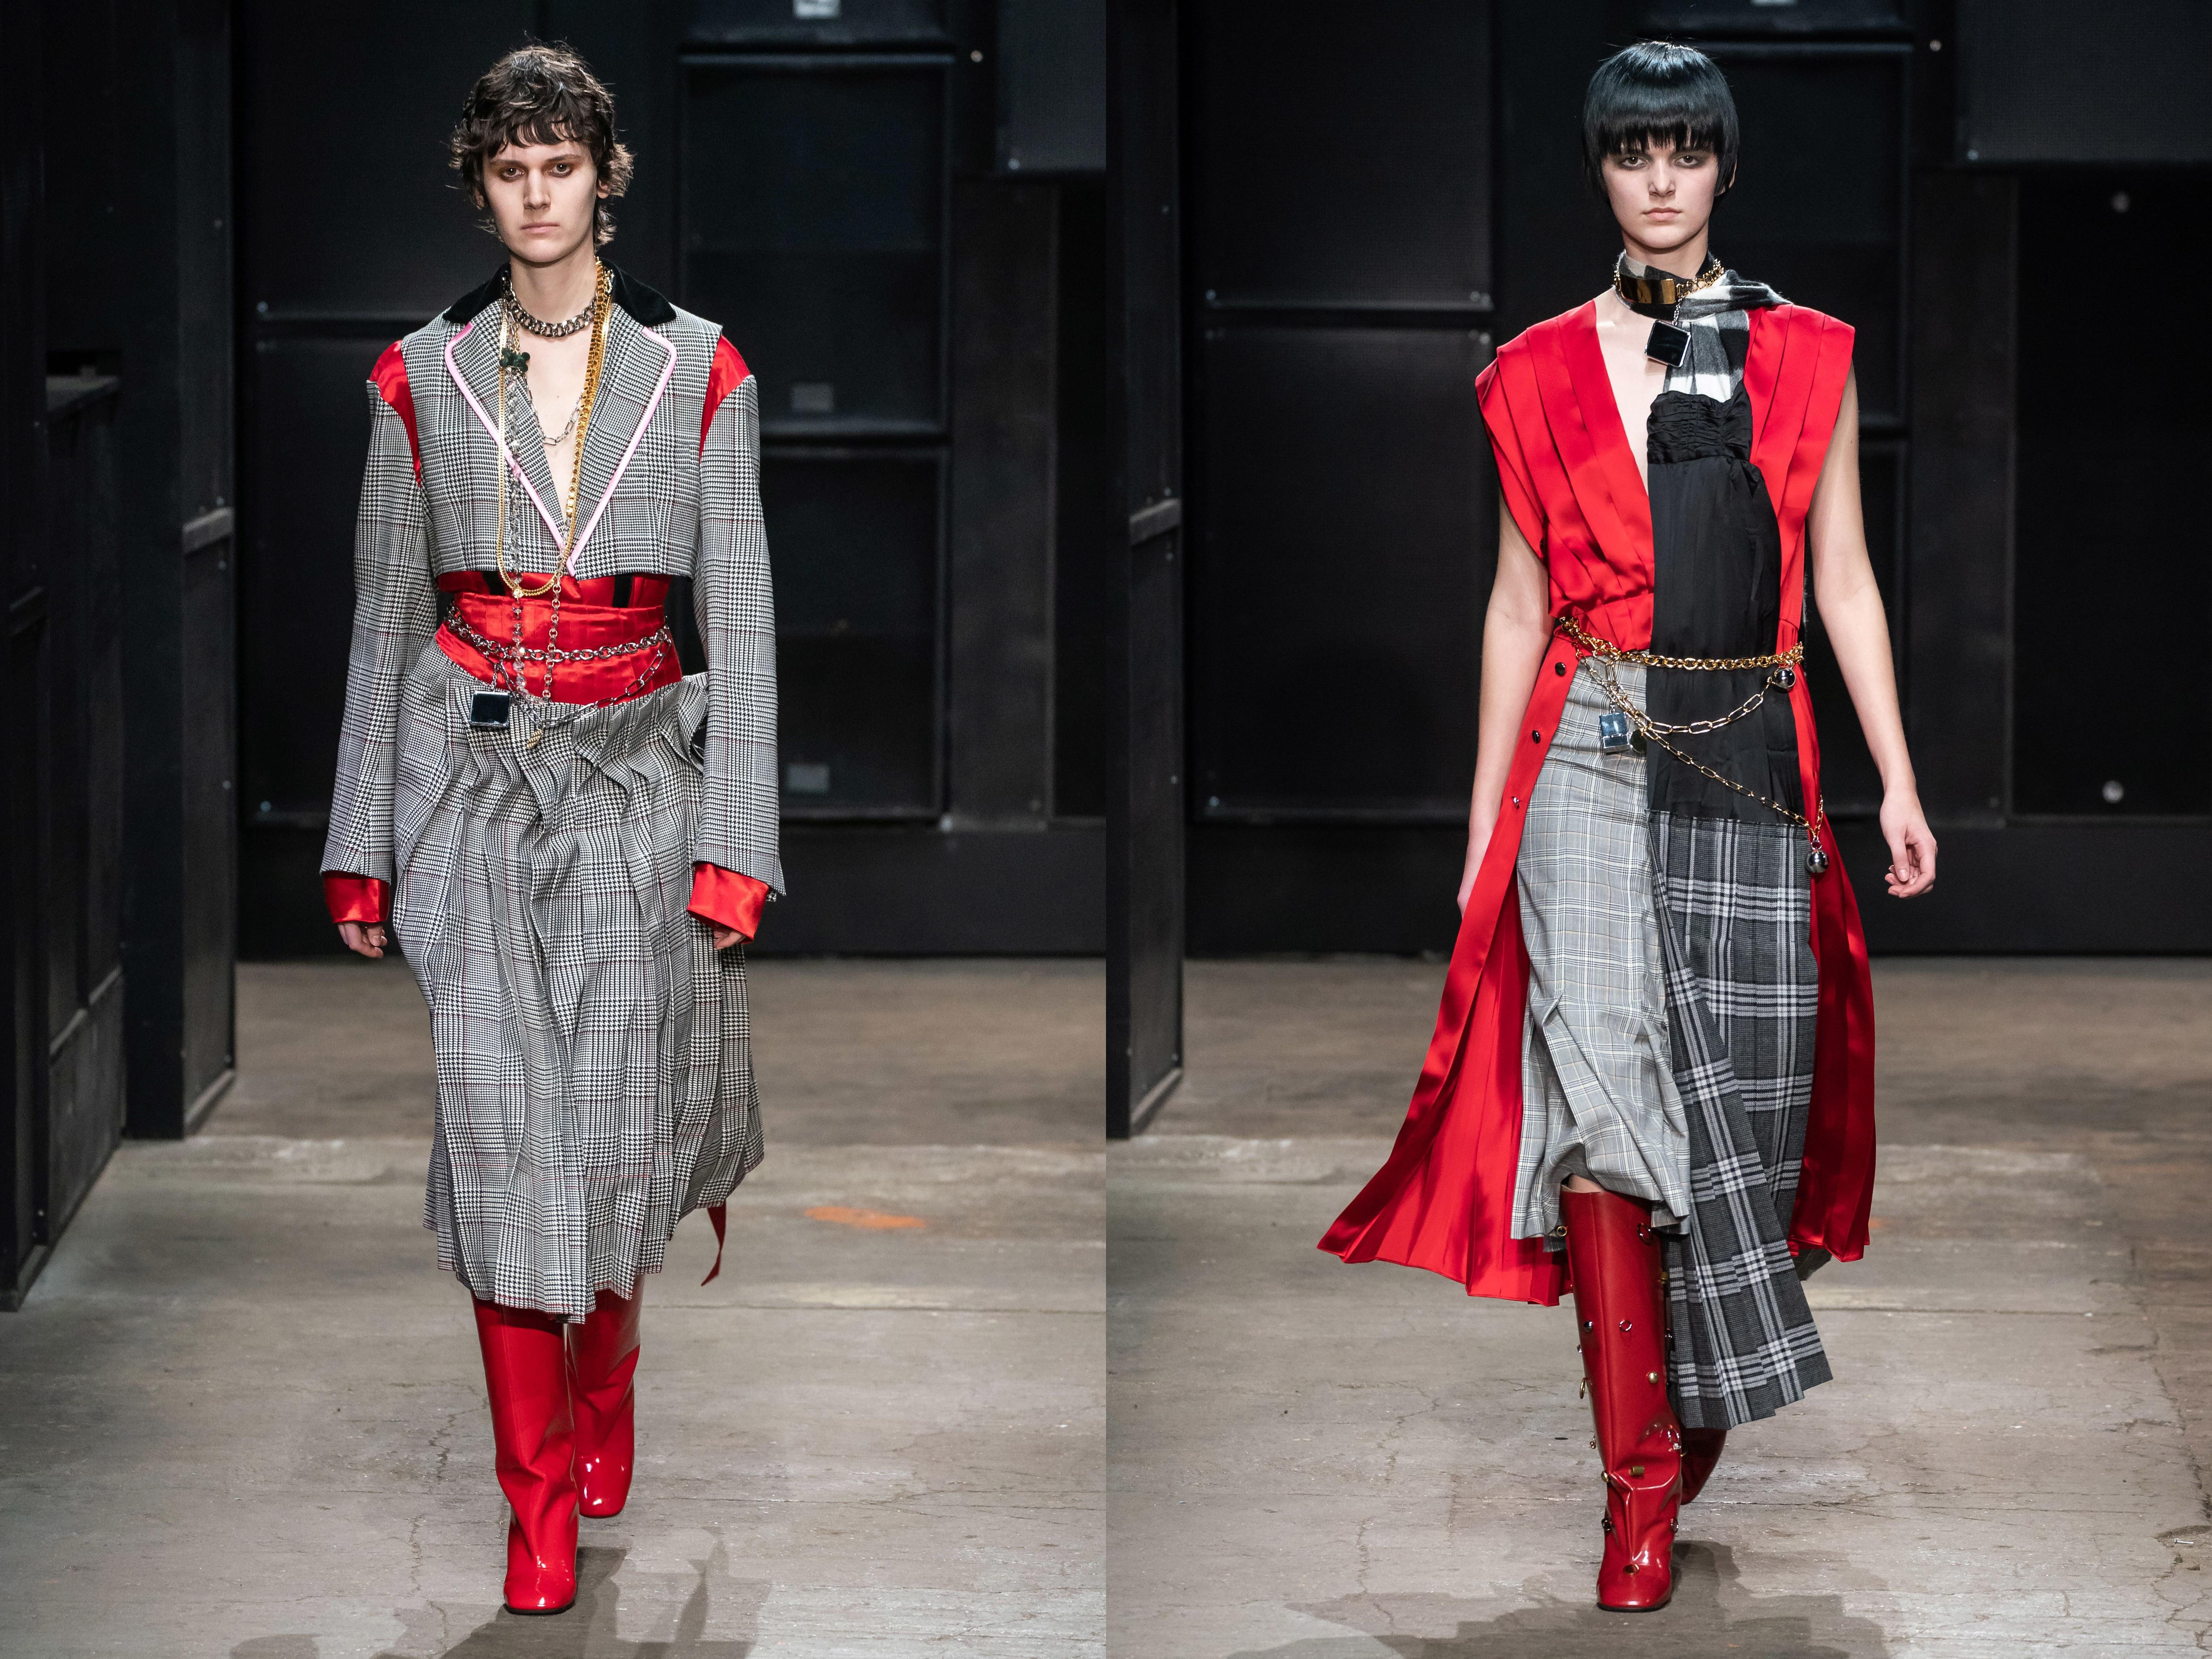 Цепи носите на поясе поверх пальто - самый модный вариант